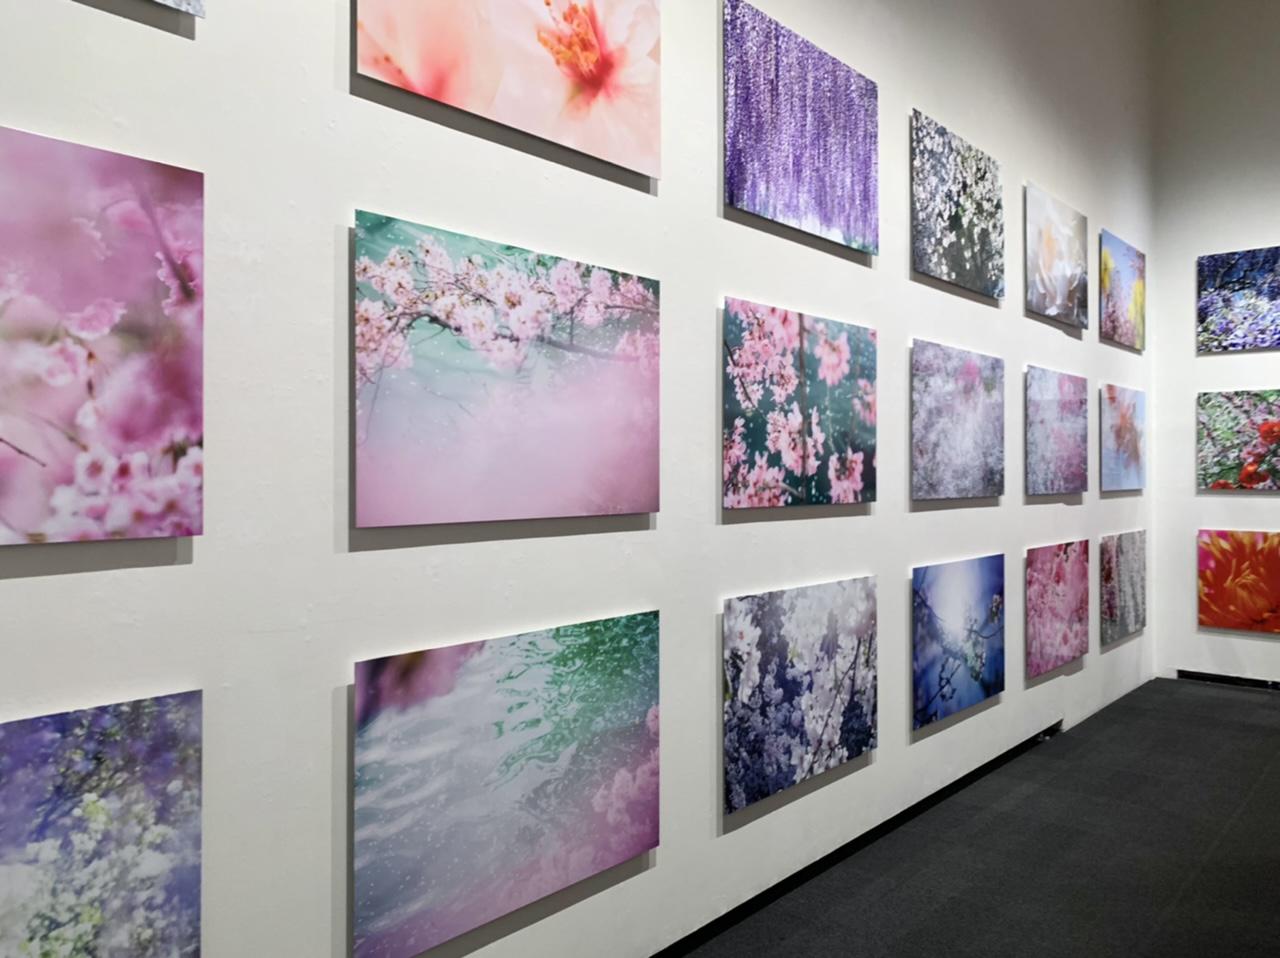 11/14(日)まで!上野の森美術館で開催中の蜷川実花展に行ってきました!_3